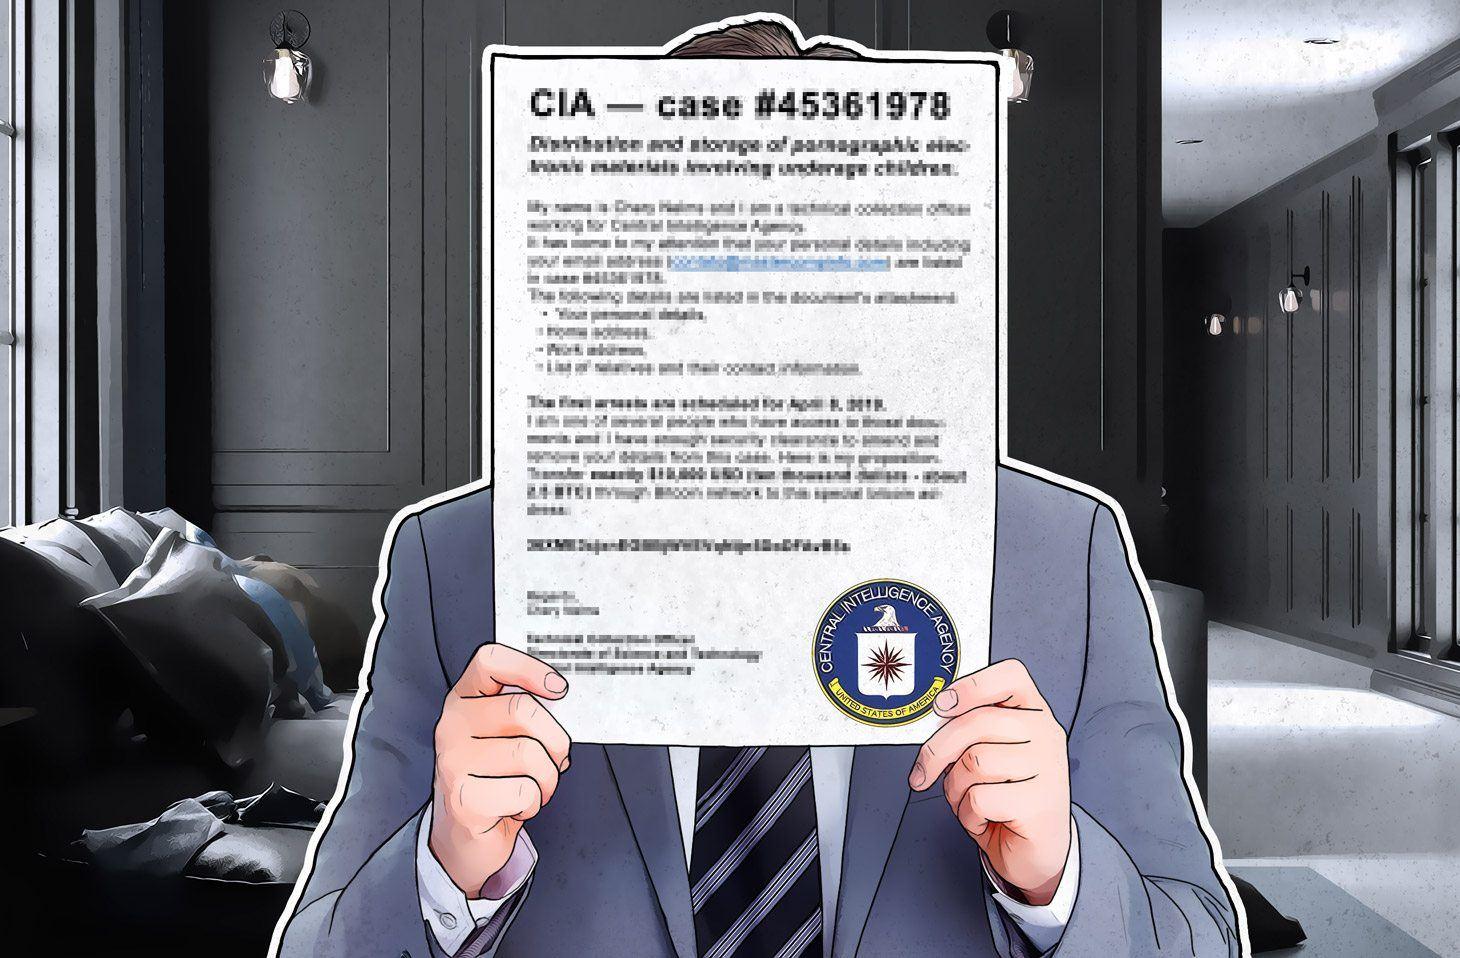 In un'e-mail che sembra inviata dalla CIA, l'utente viene minacciato di arresto per pedopornografia, che può essere evitato pagando un riscatto.